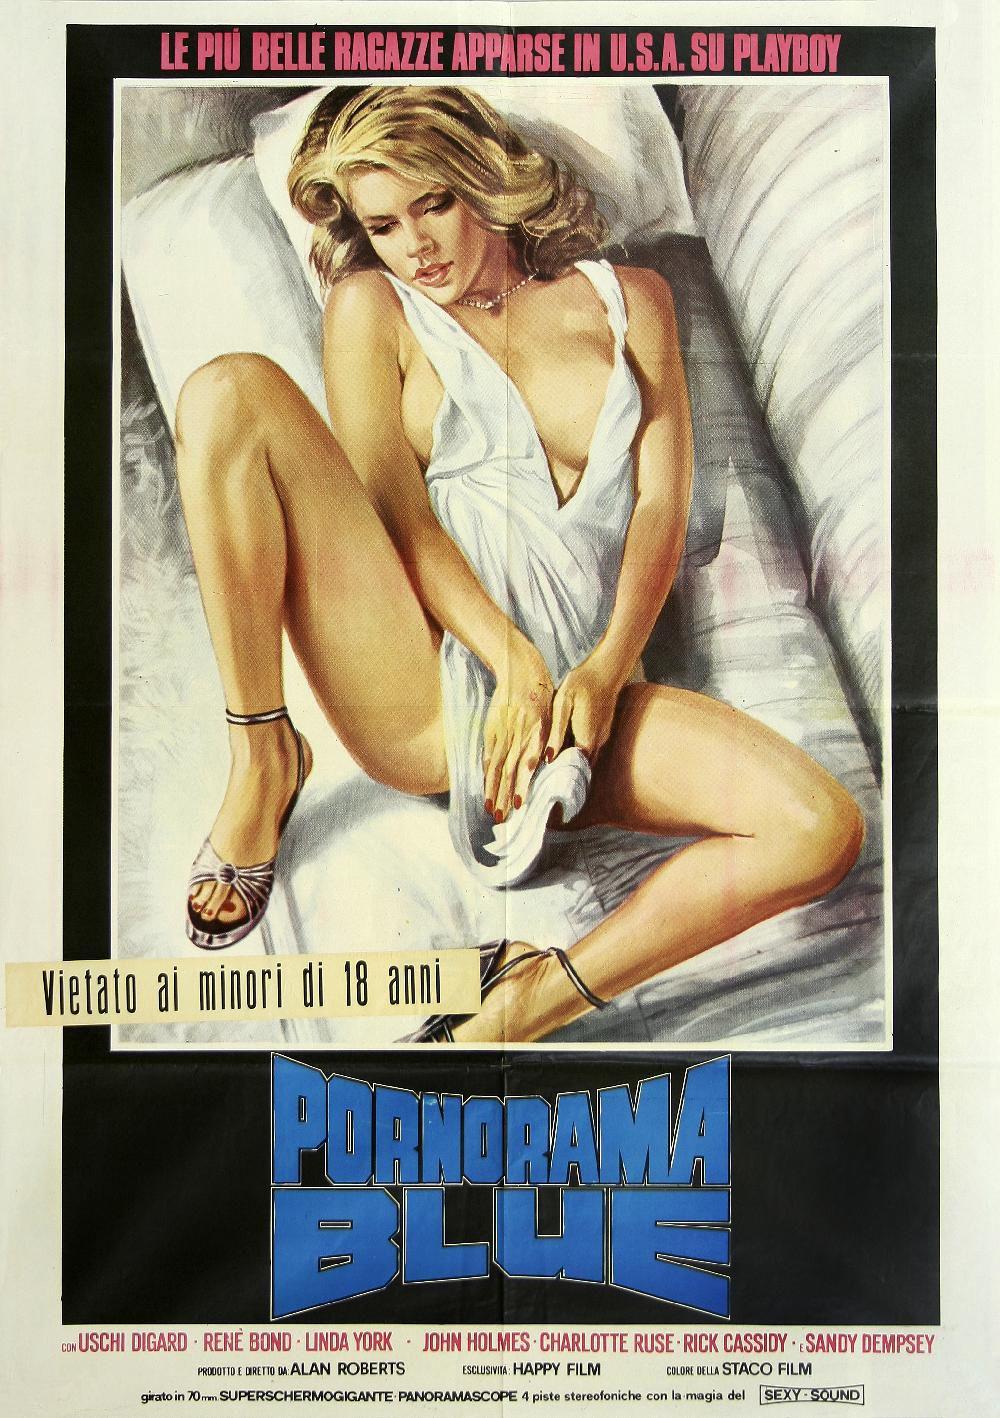 pig papi - iafdcom - internet adult film database